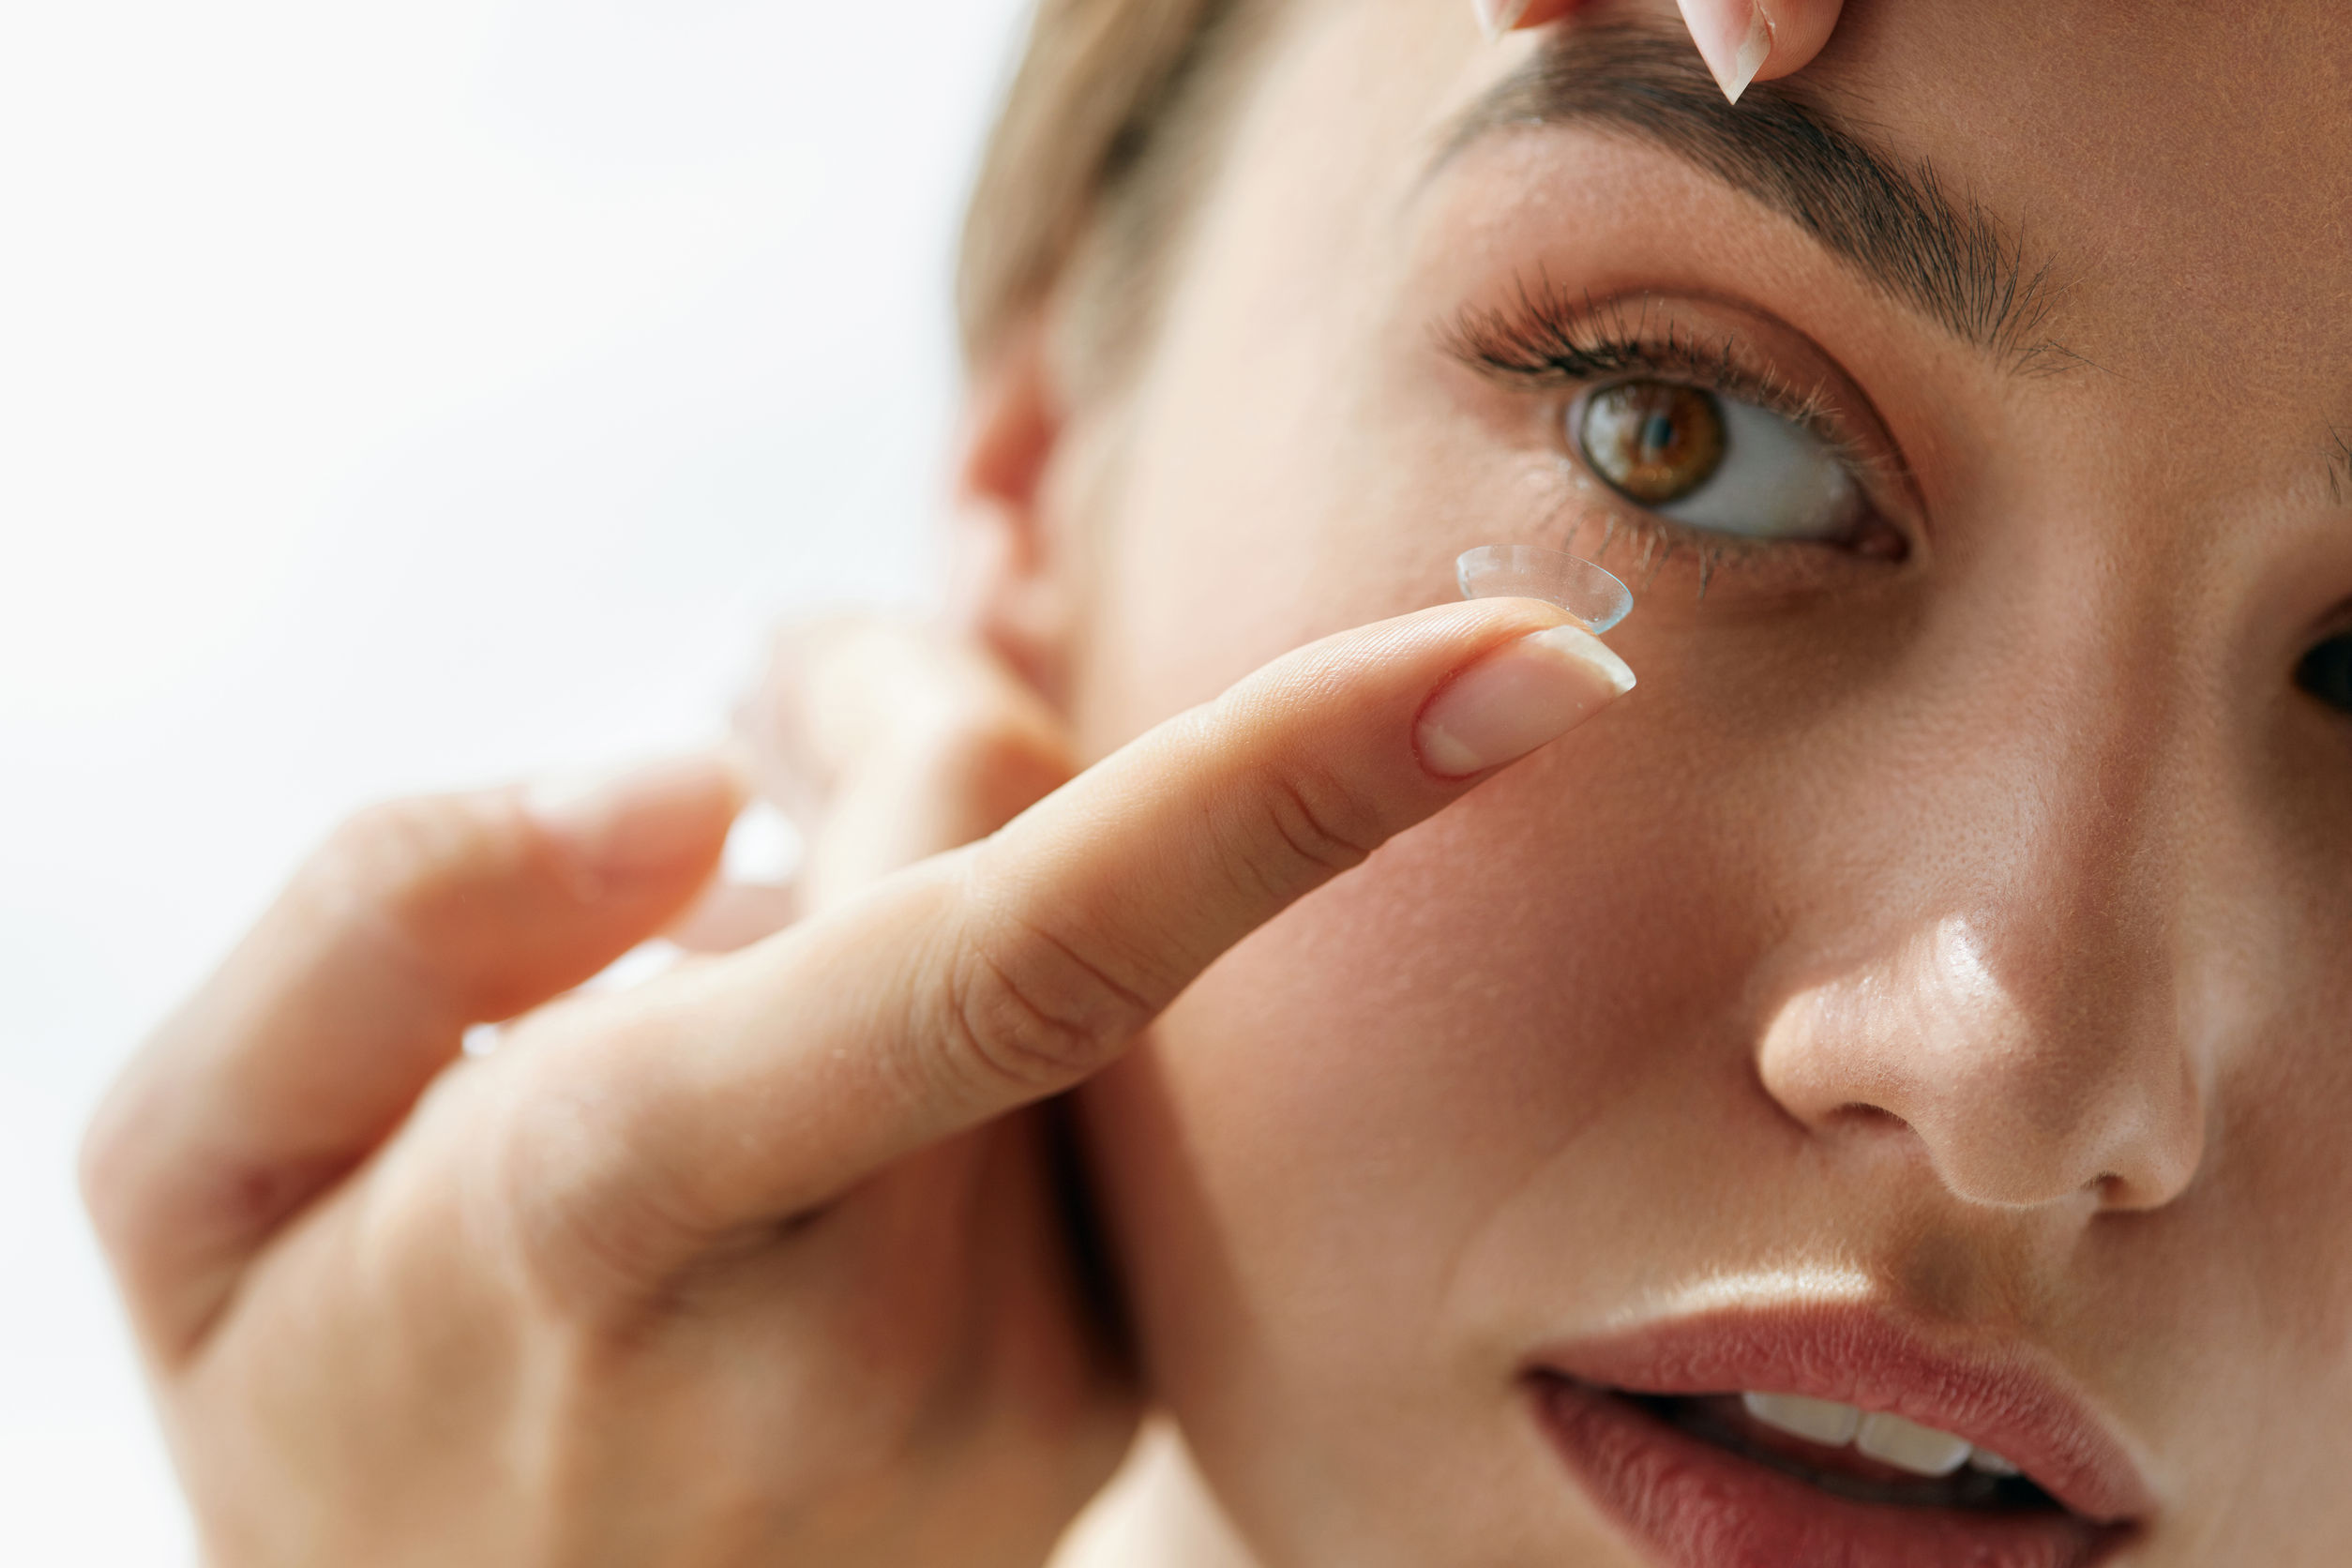 Quando devo optar pelo uso das lentes de contato?